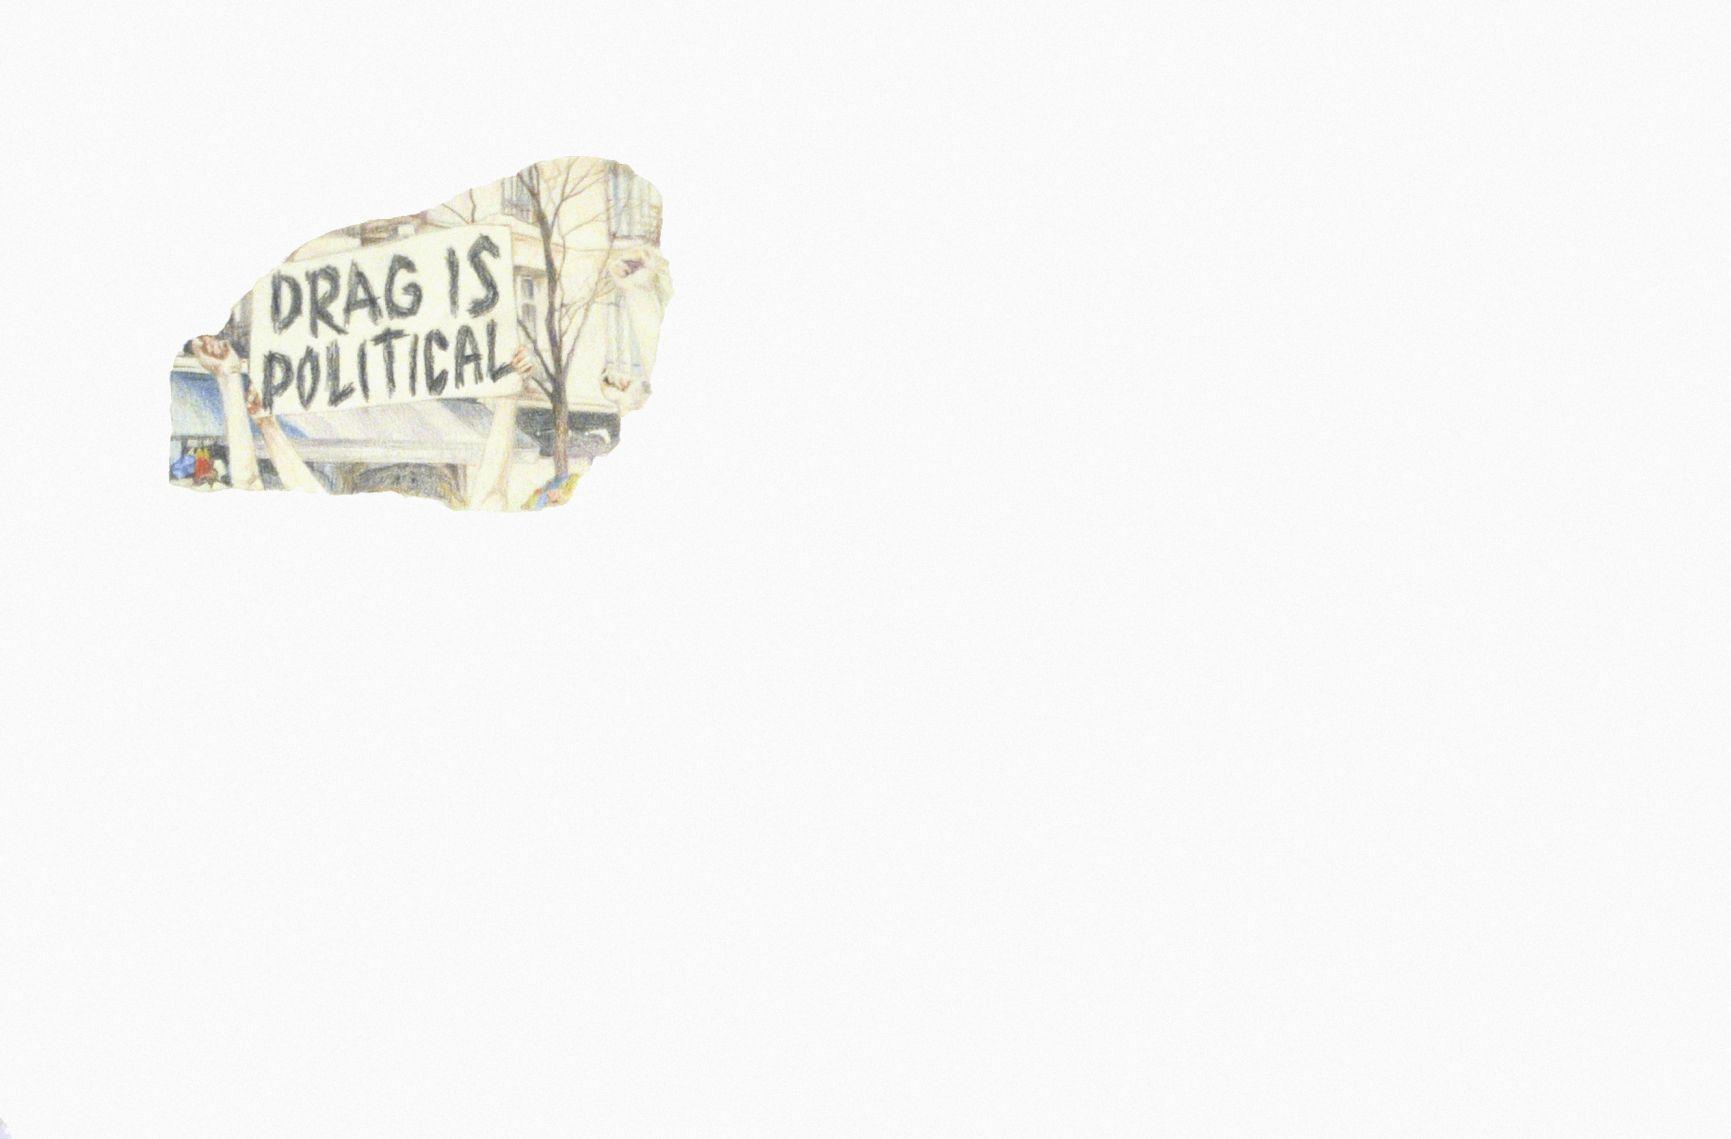 El drag es político #1 (2015) - Cabello/Carceller